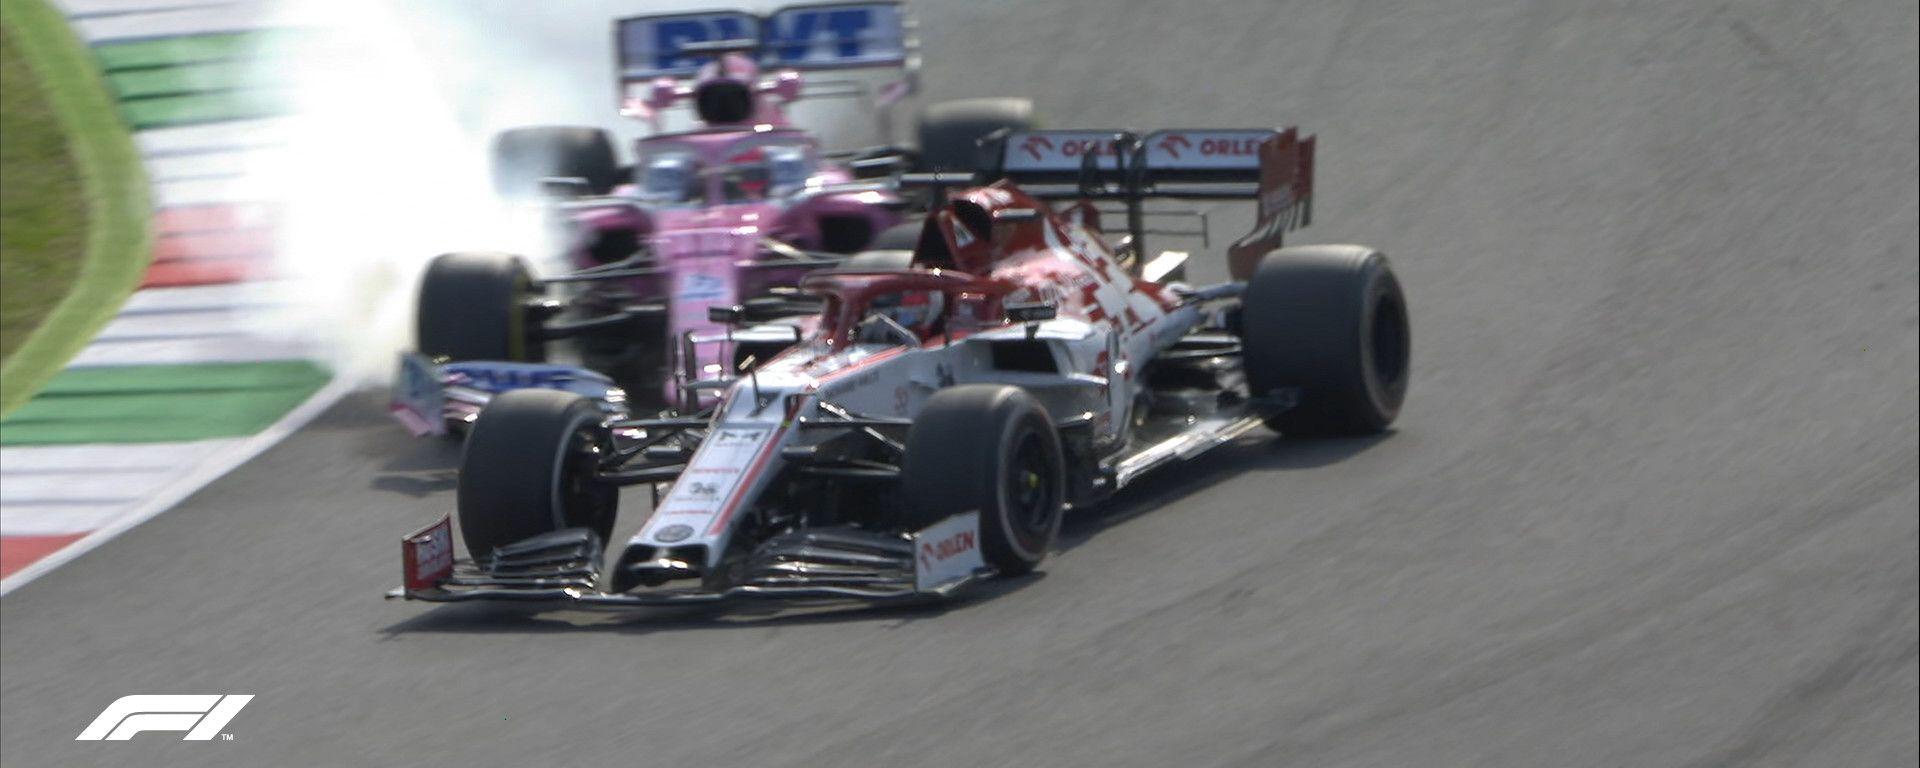 F1 GP Toscana 2020, Mugello: l'incidente di Perez (Racing Point) e Raikkonen (Alfa Romeo)